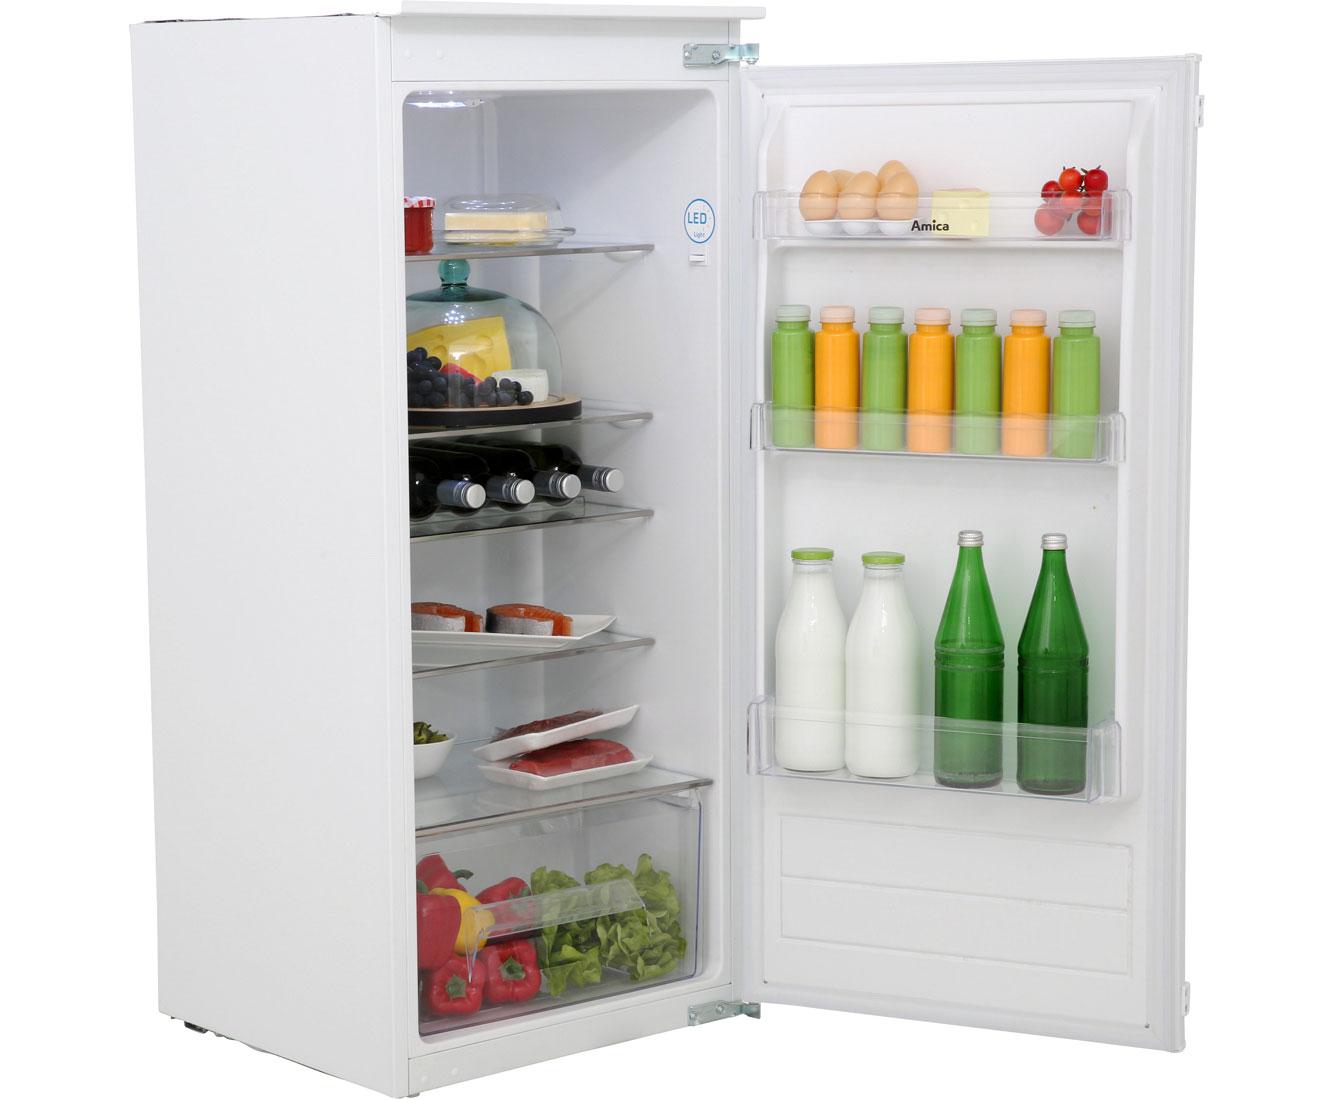 Smeg Kühlschrank Immer Vereist : Kühlschrank einbau miele preisvergleich u2022 die besten angebote online